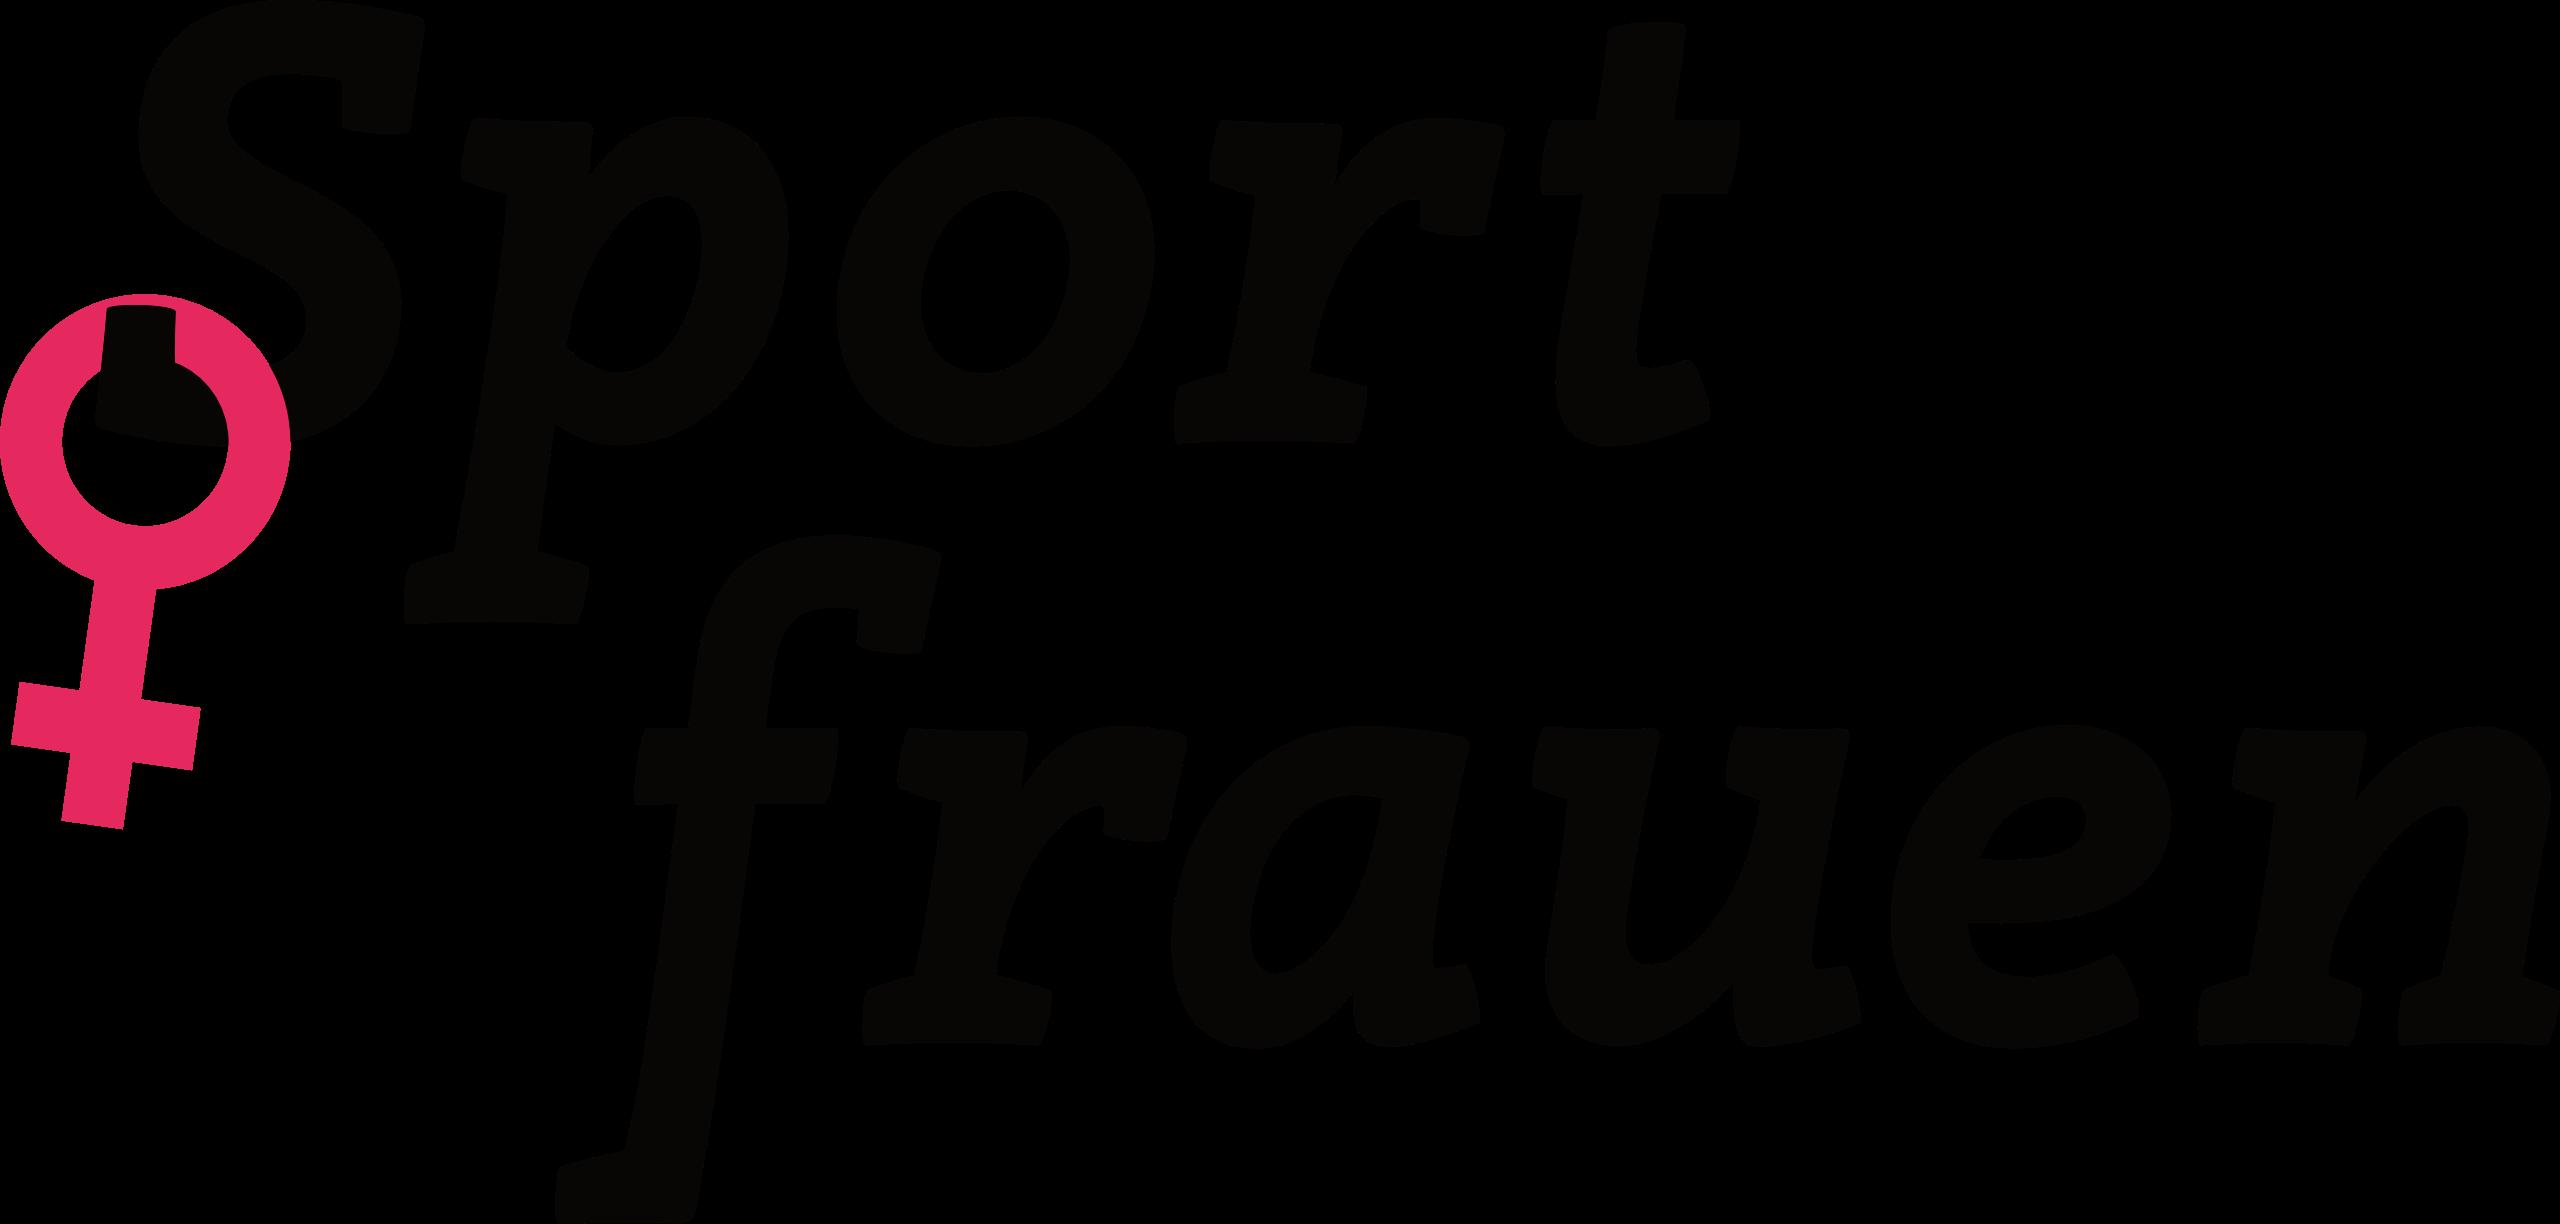 Sportfrauen Logo